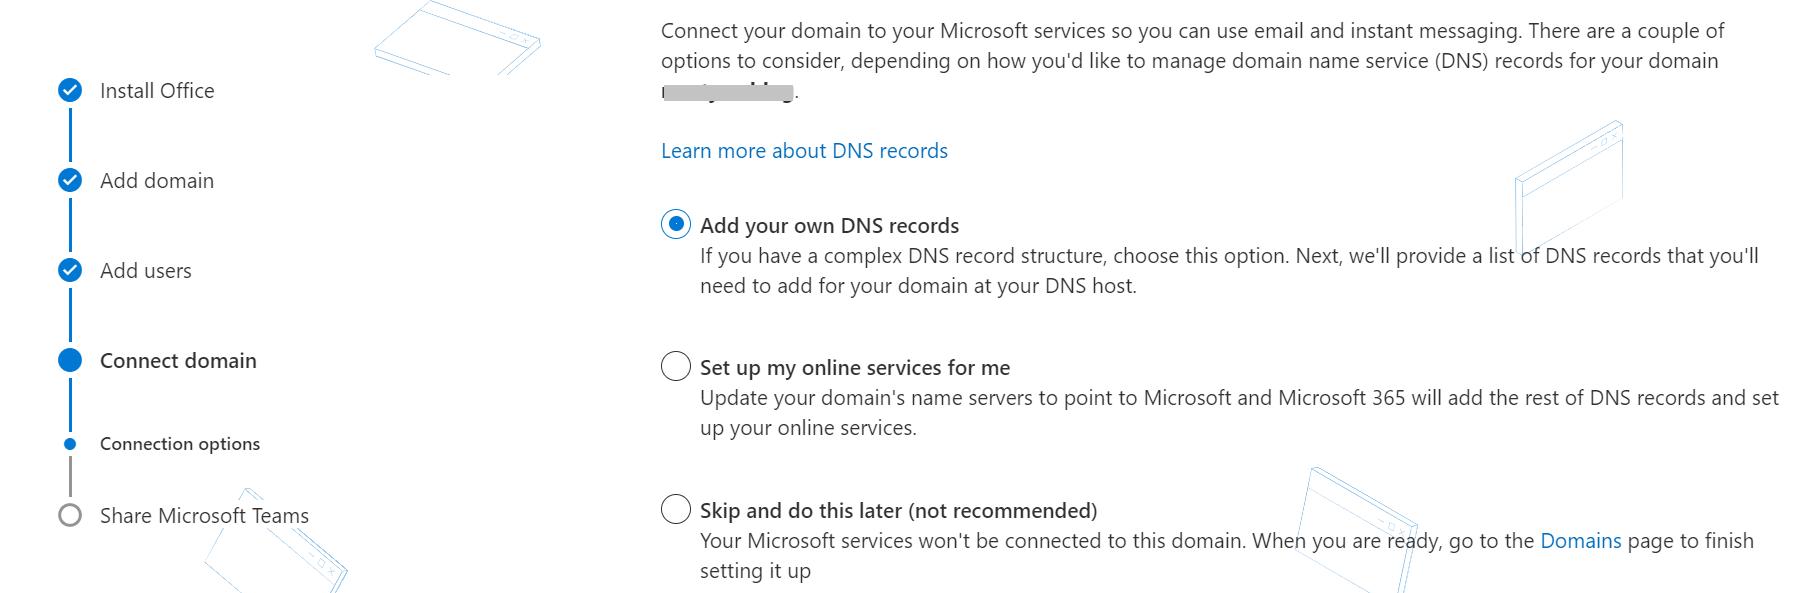 使用Office 365设置在线服务。